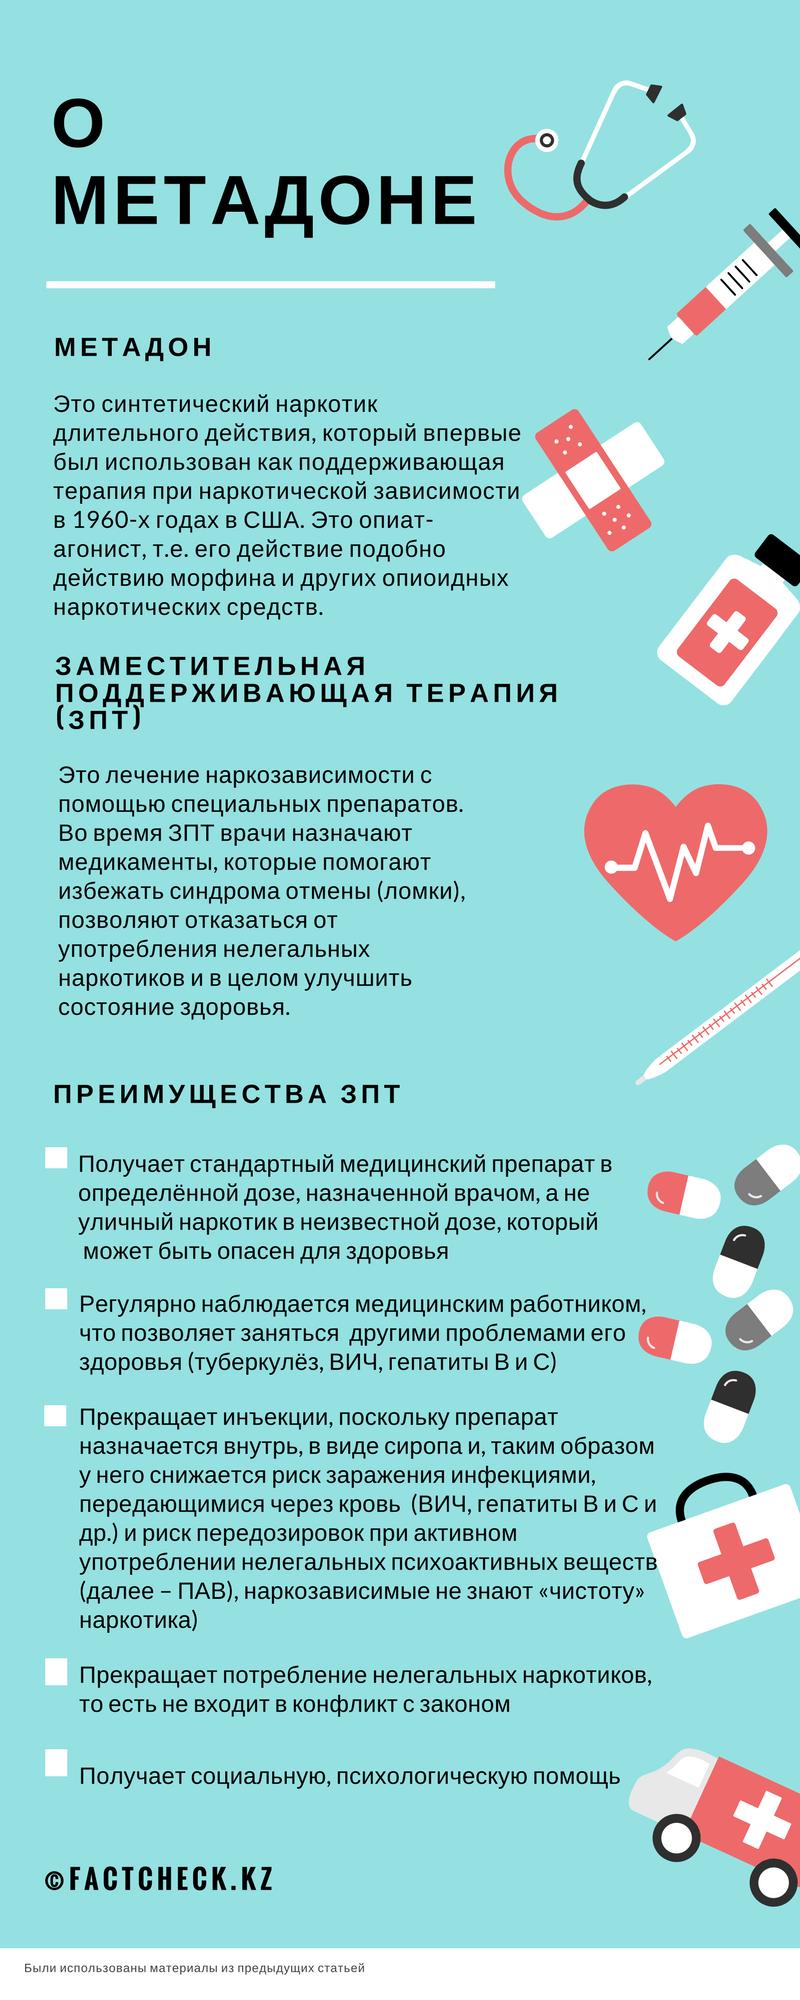 Метадон - употребление, лечение зависимости, последствия